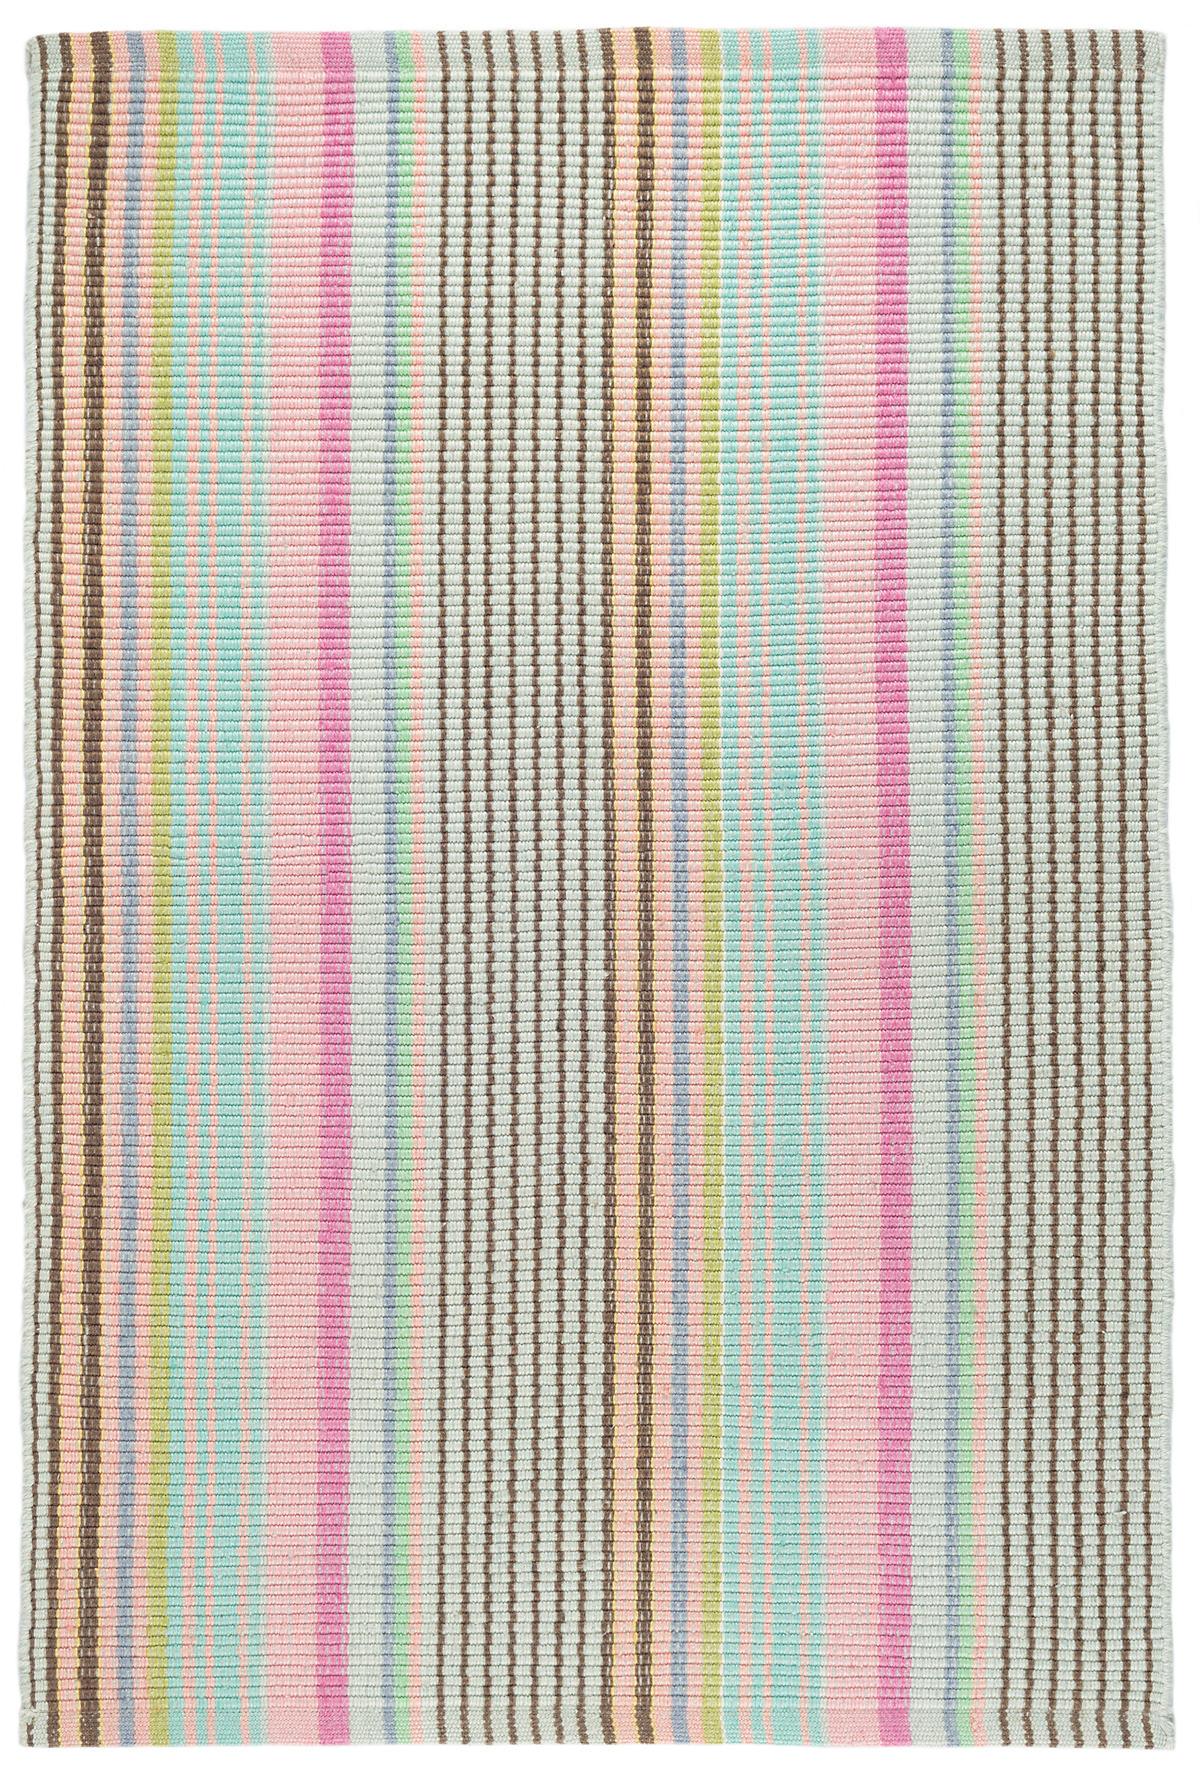 Neapolitan Woven Cotton Rug